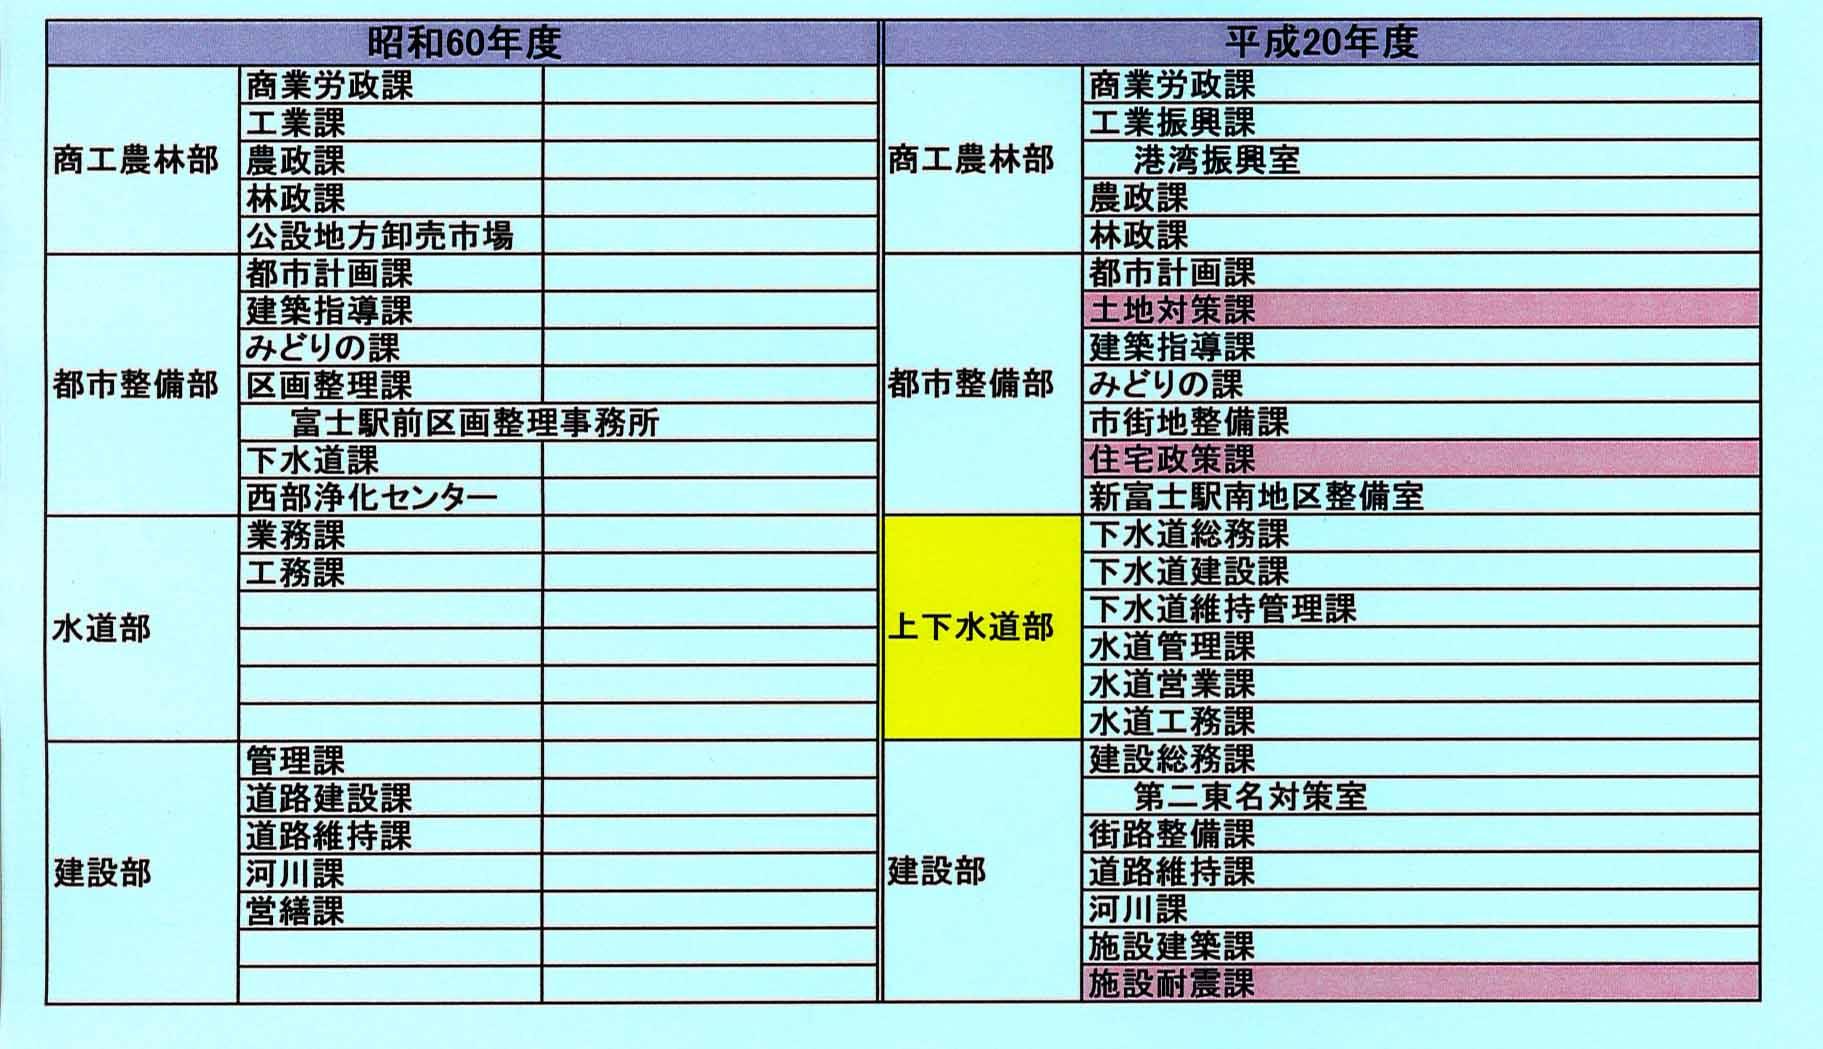 富士市役所 23年前の組織と比べると?_f0141310_21292997.jpg